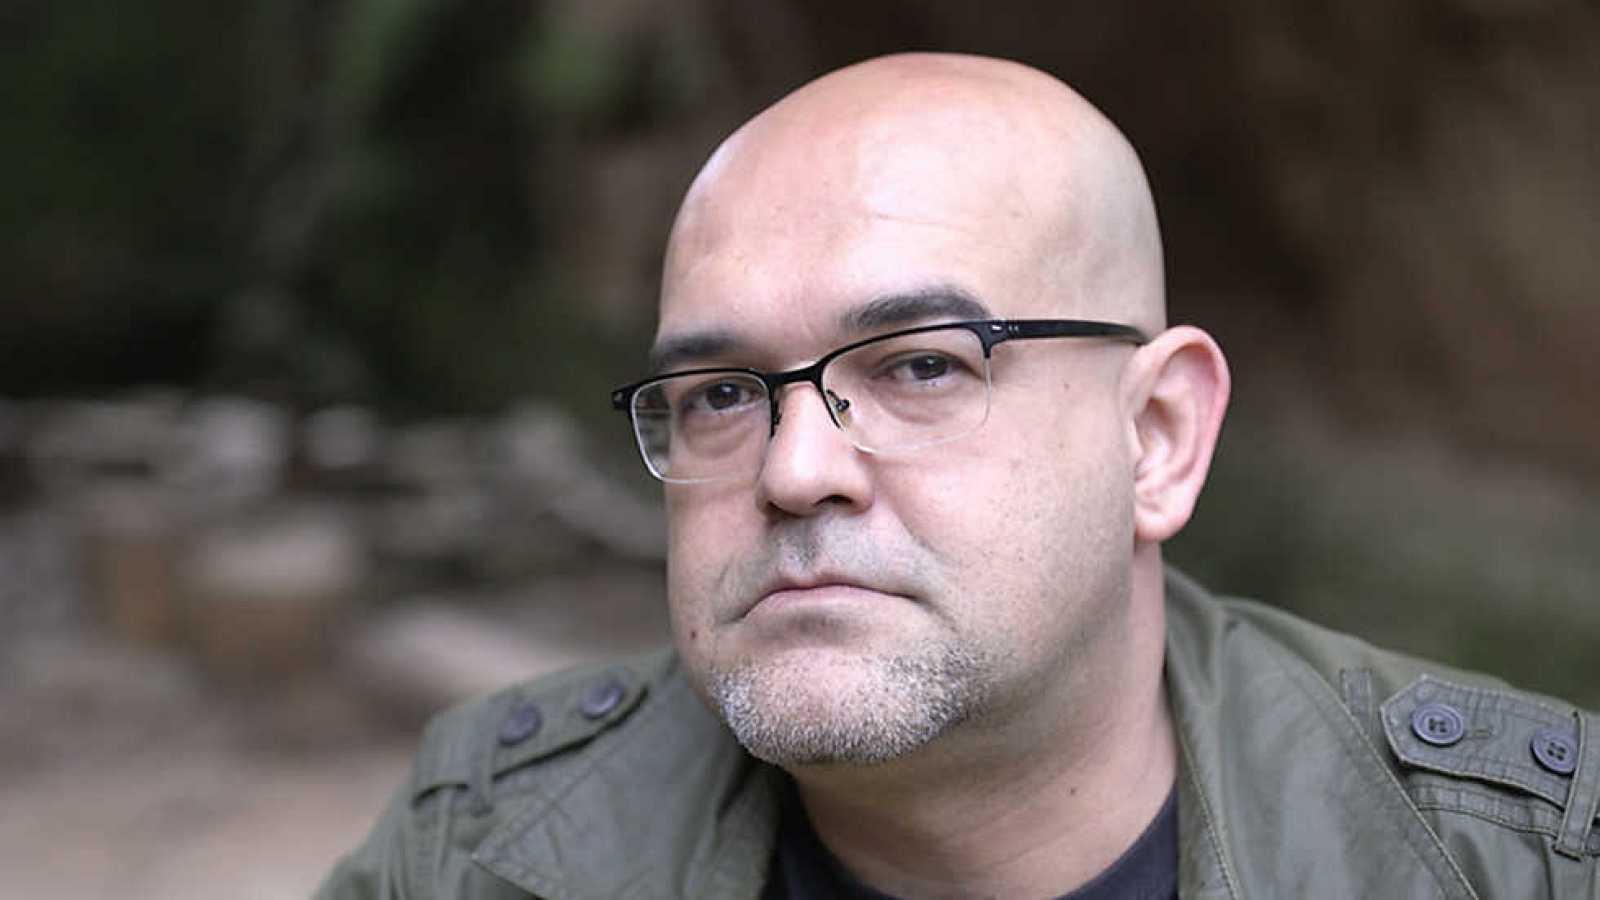 Libros de arena en Radio 5 - Alexis Ravelo  y 'Un tío con una bolsa en la cabeza' - 14/10/20 - Escuchar ahora